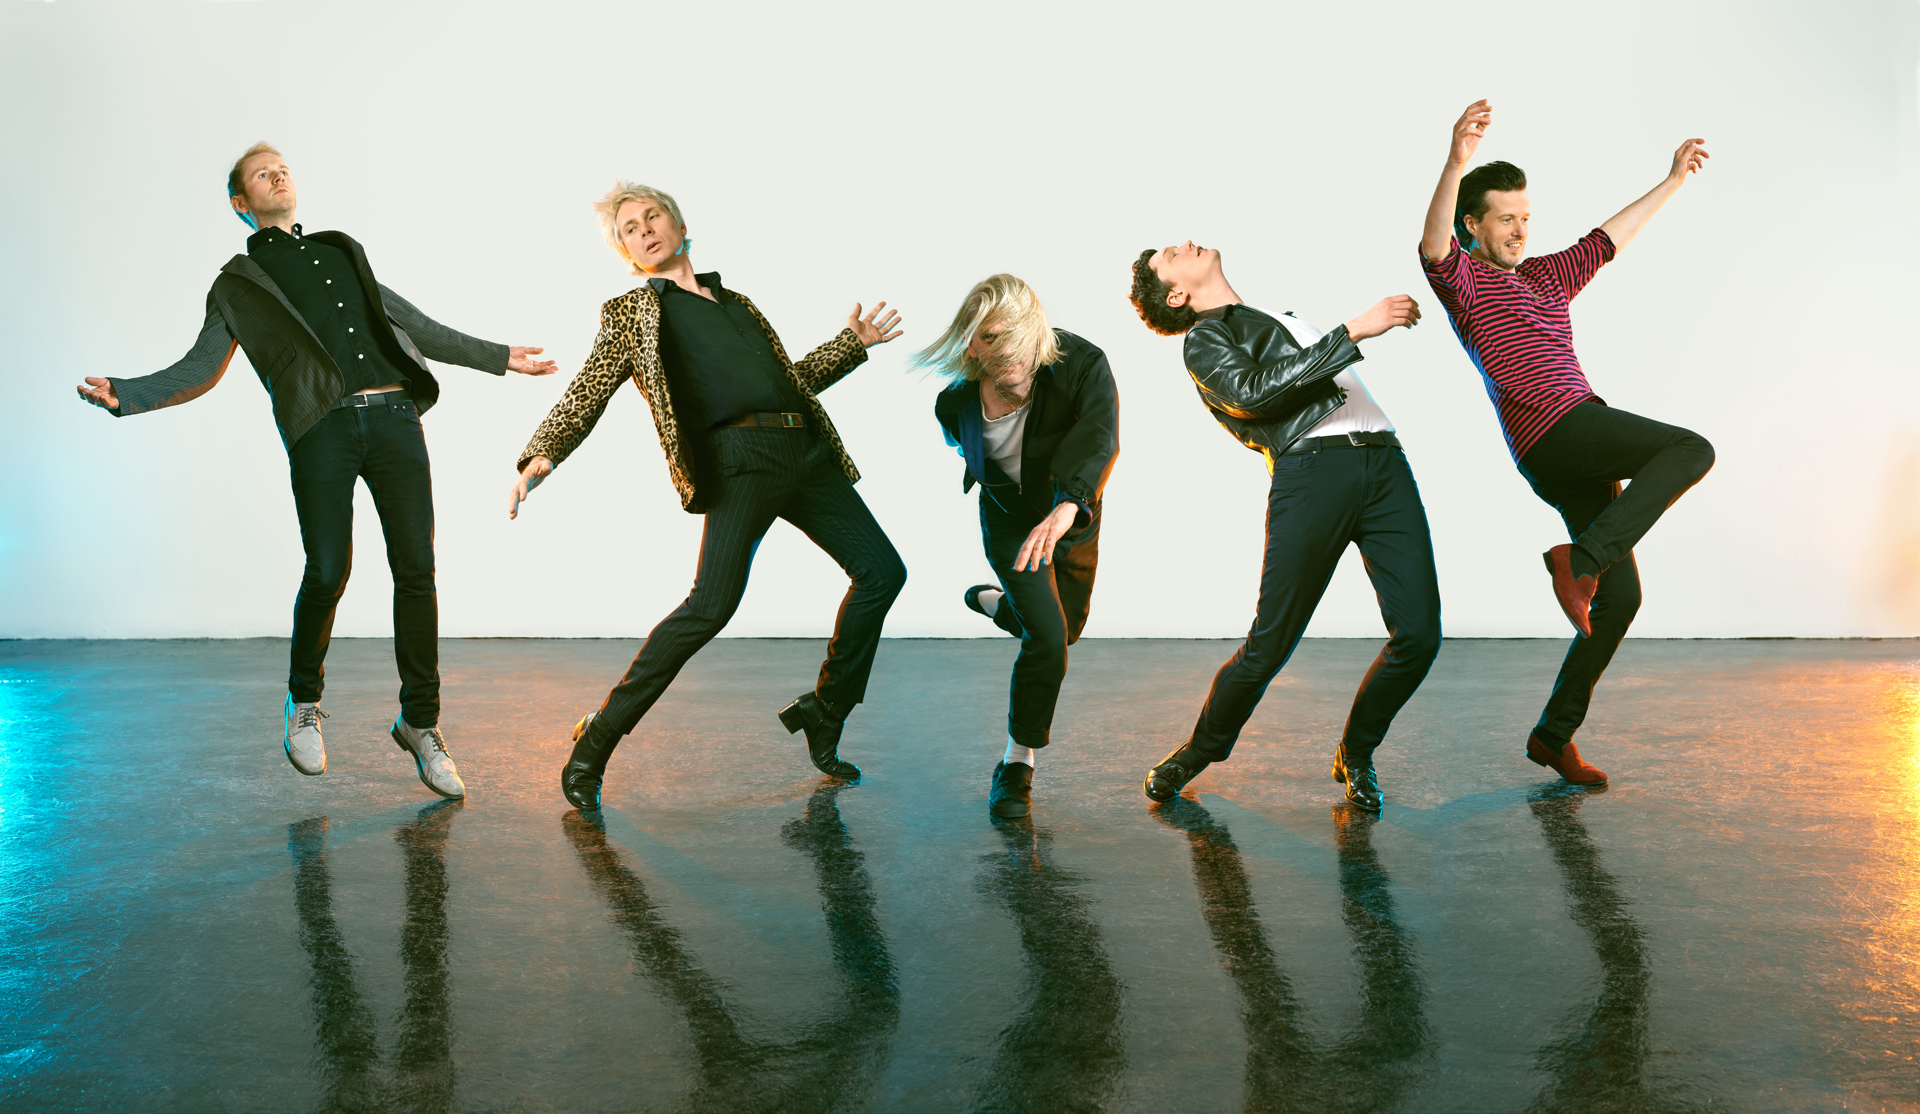 NEWS: Franz Ferdinand share new video 'Always Ascending' & World Tour